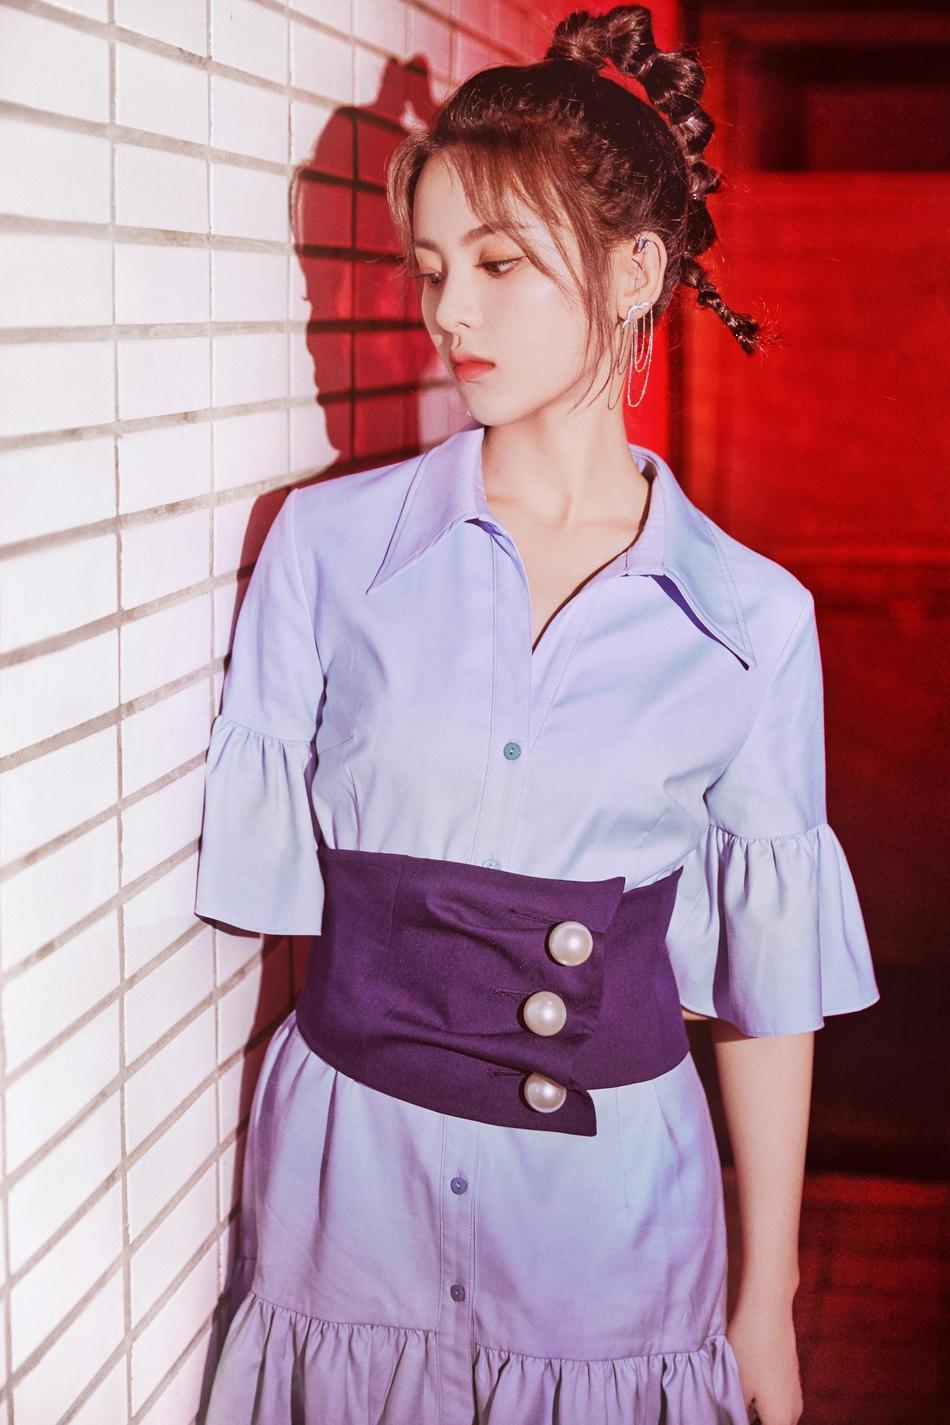 杨超越穿蓝色荷叶裙锁骨傲人 高马尾更添少女俏皮活力